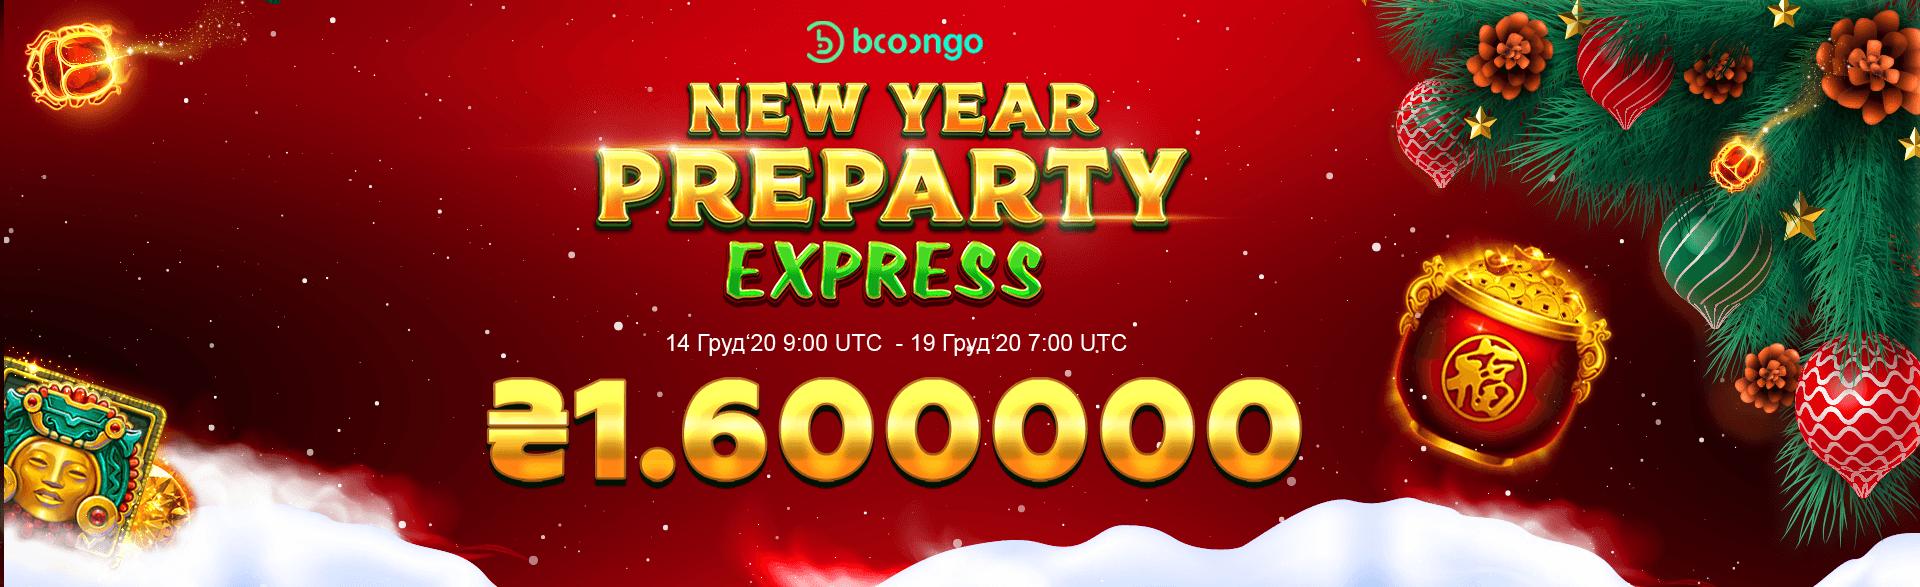 Святкова акція New Year Pre-Party Express